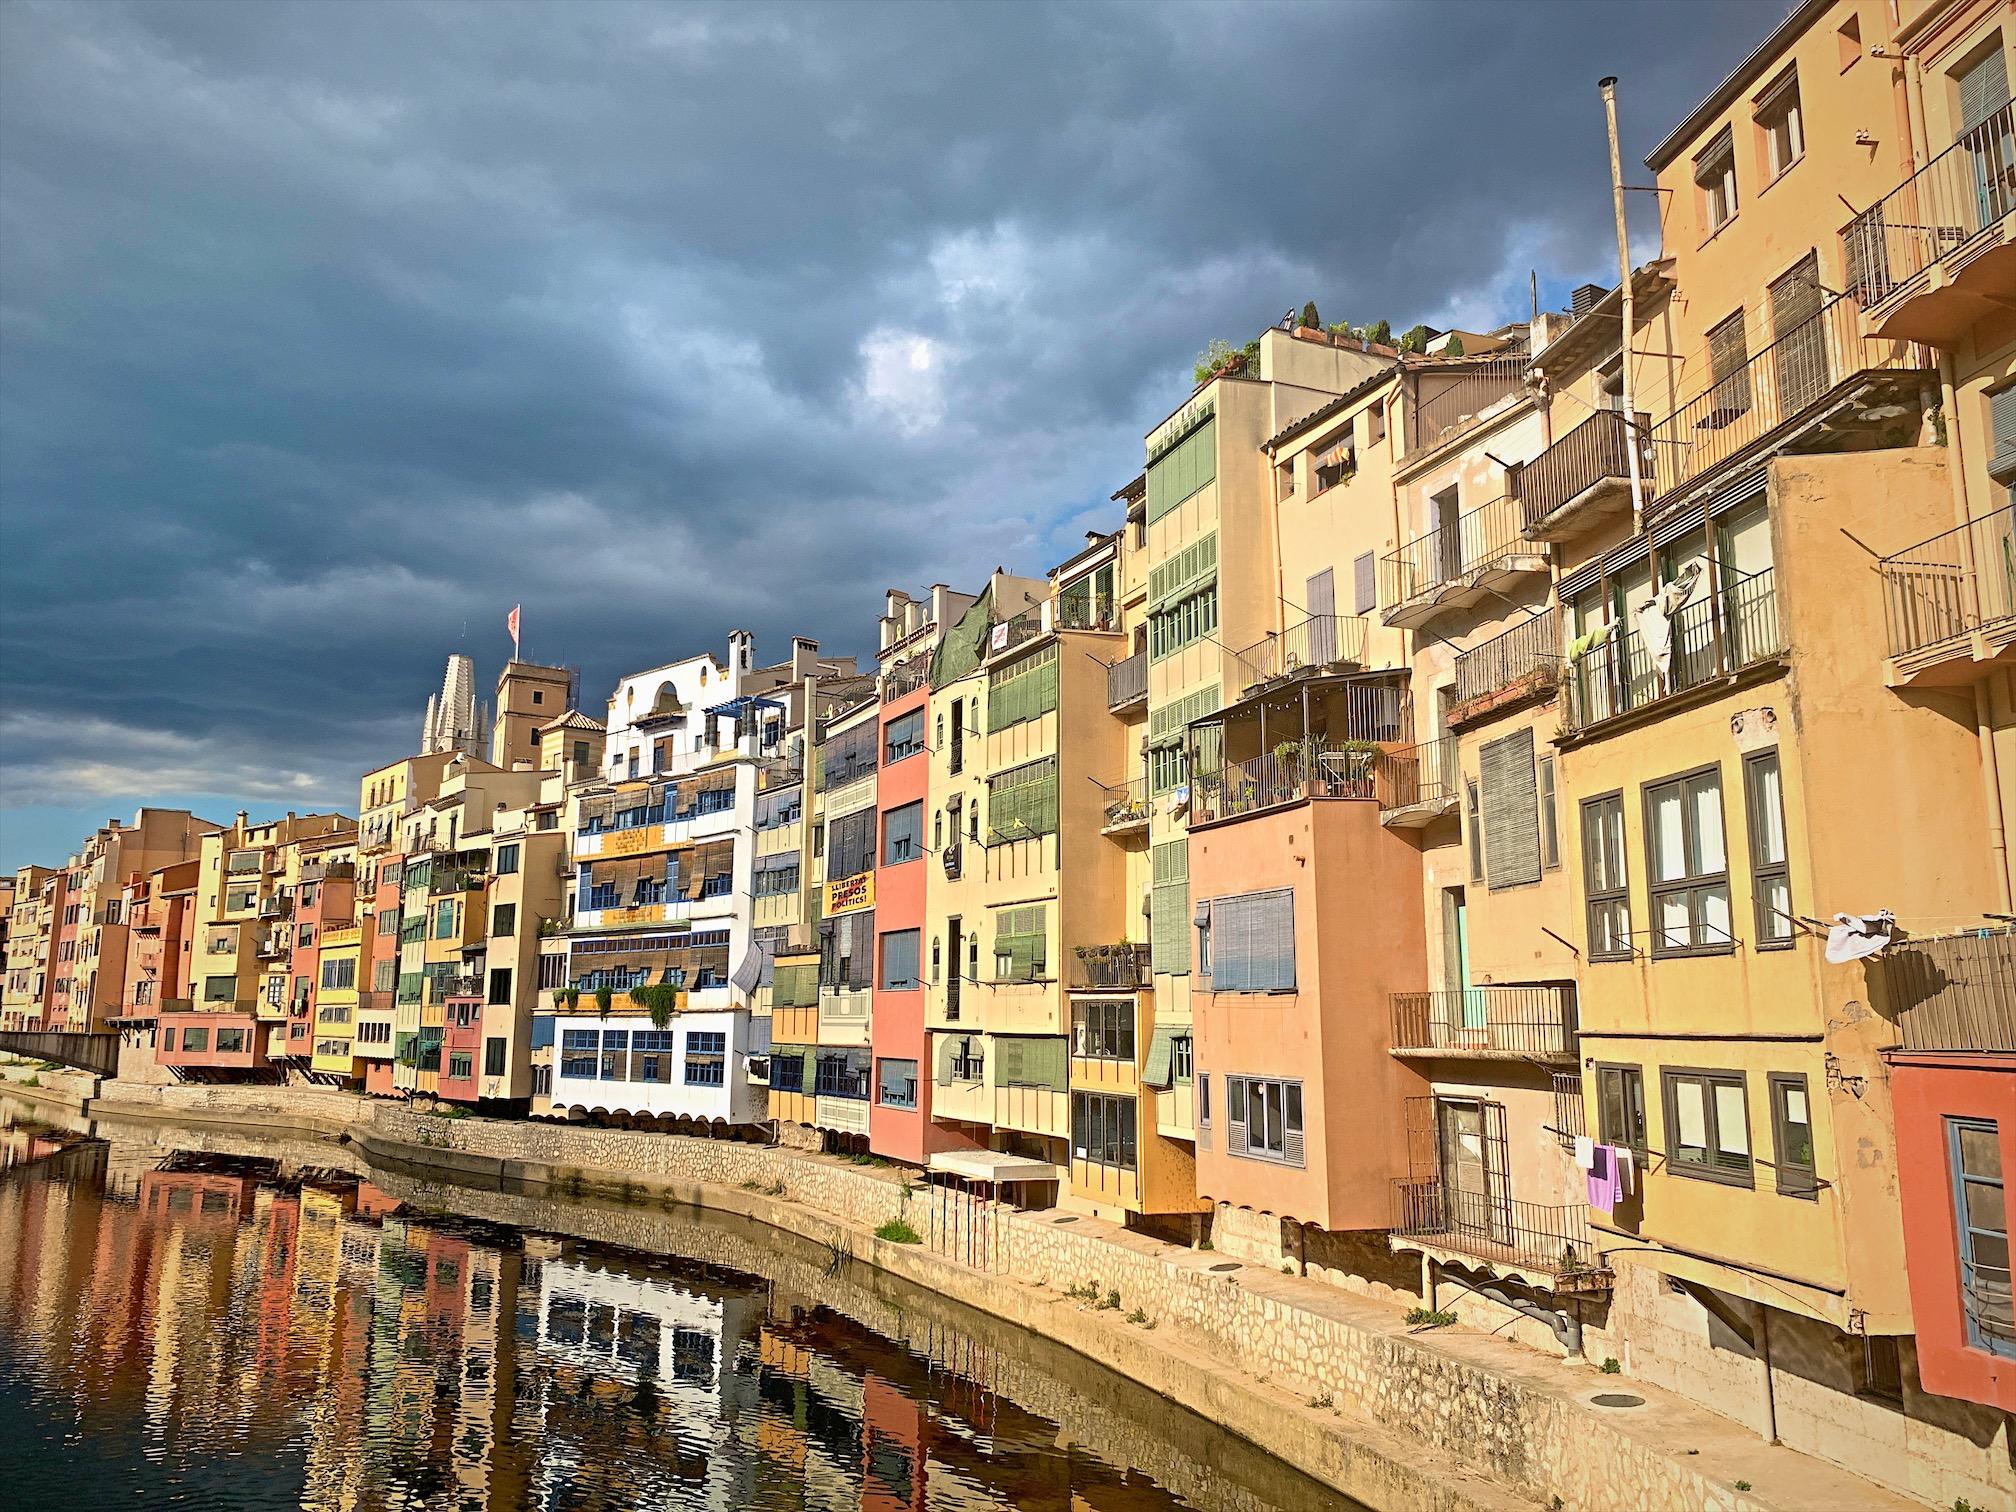 バルセロナからジローナに日帰り旅行!「オニャール川の街並み」